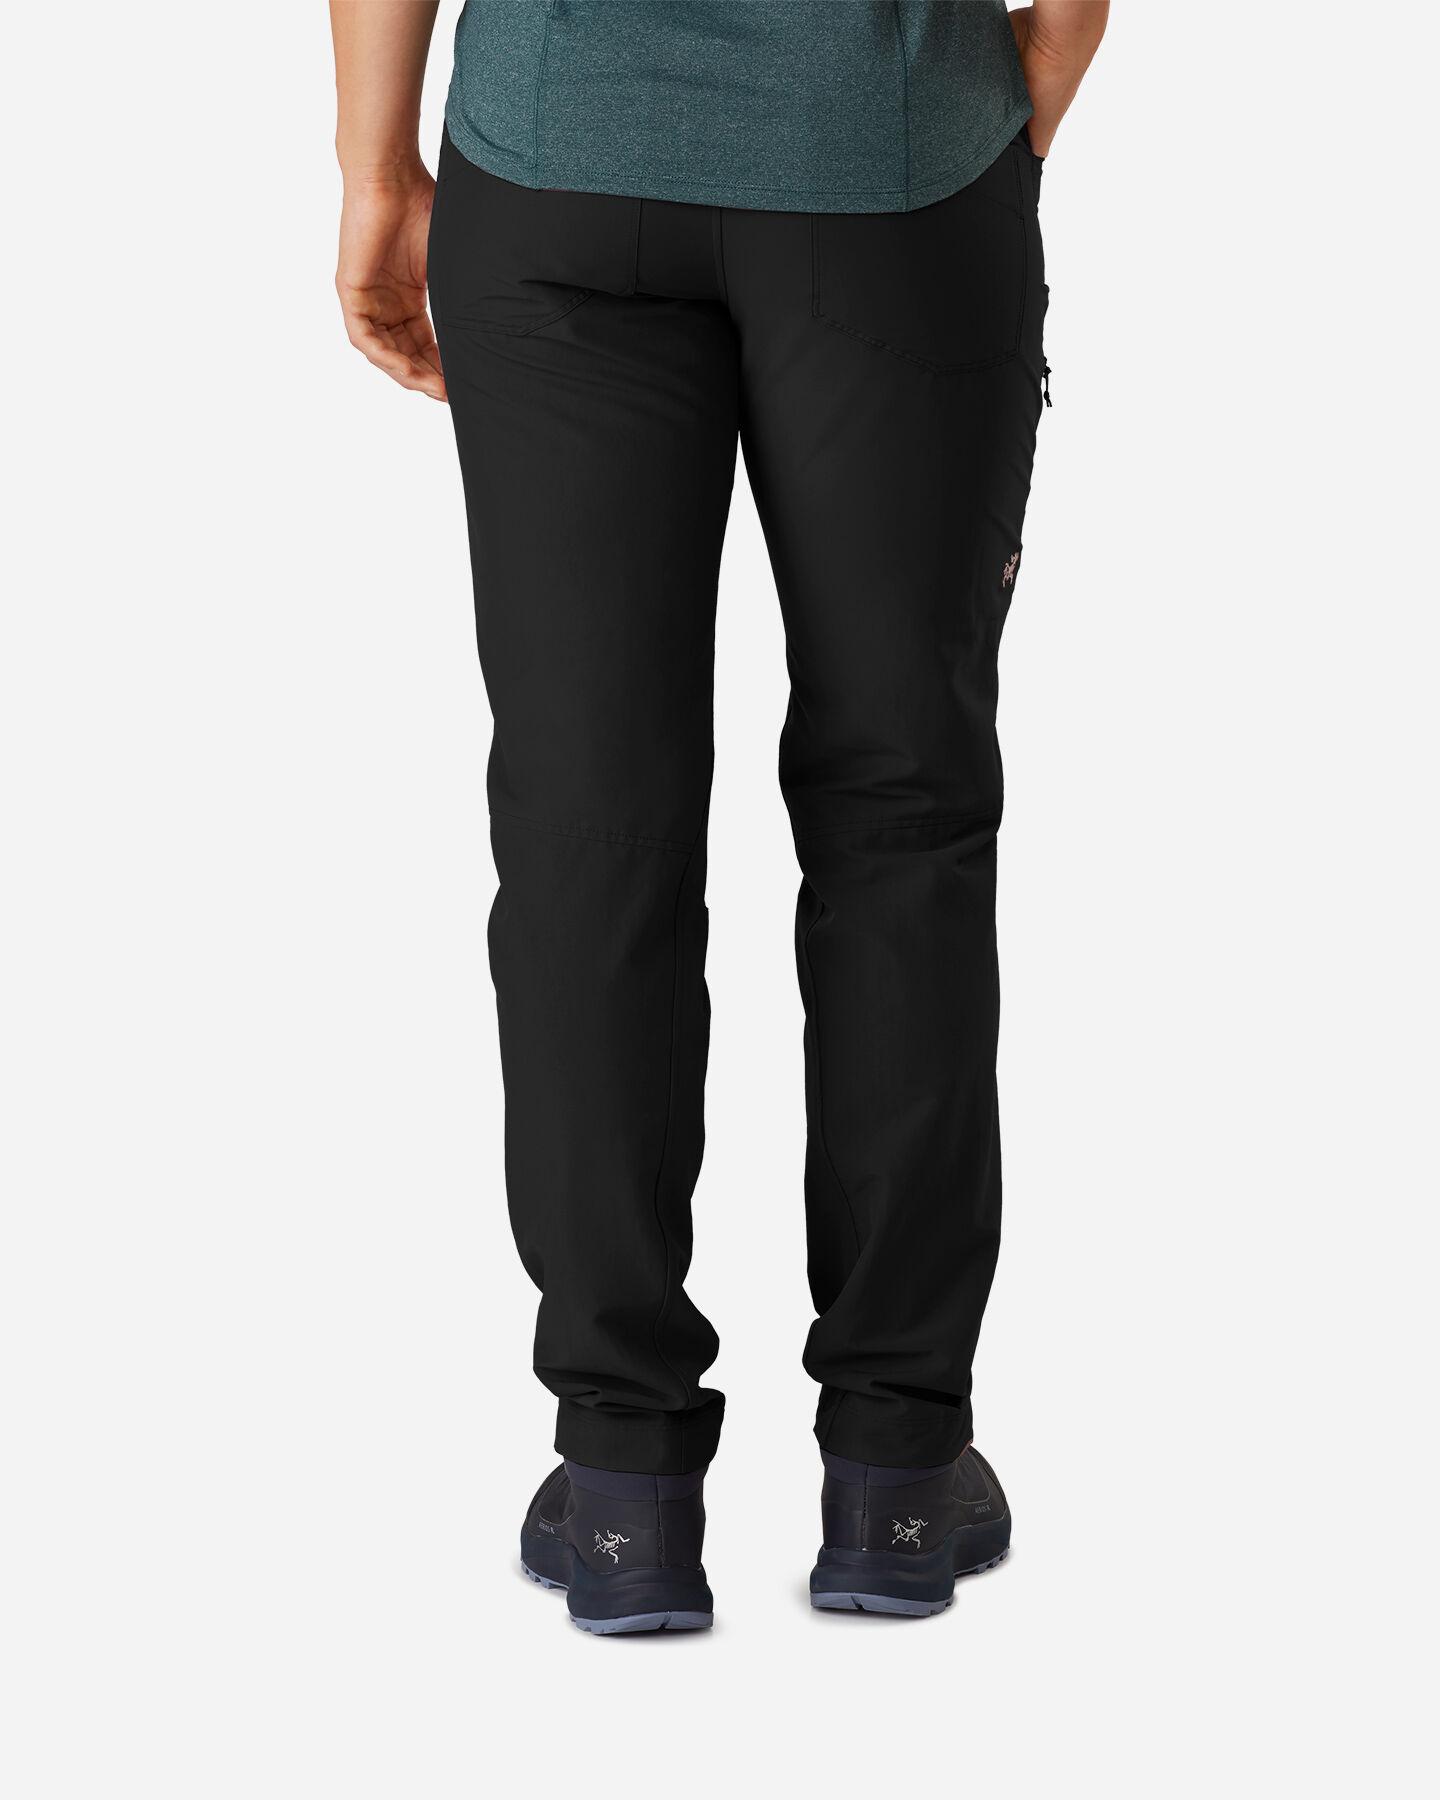 Pantalone outdoor ARC'TERYX CRESTON W S4075249 scatto 2